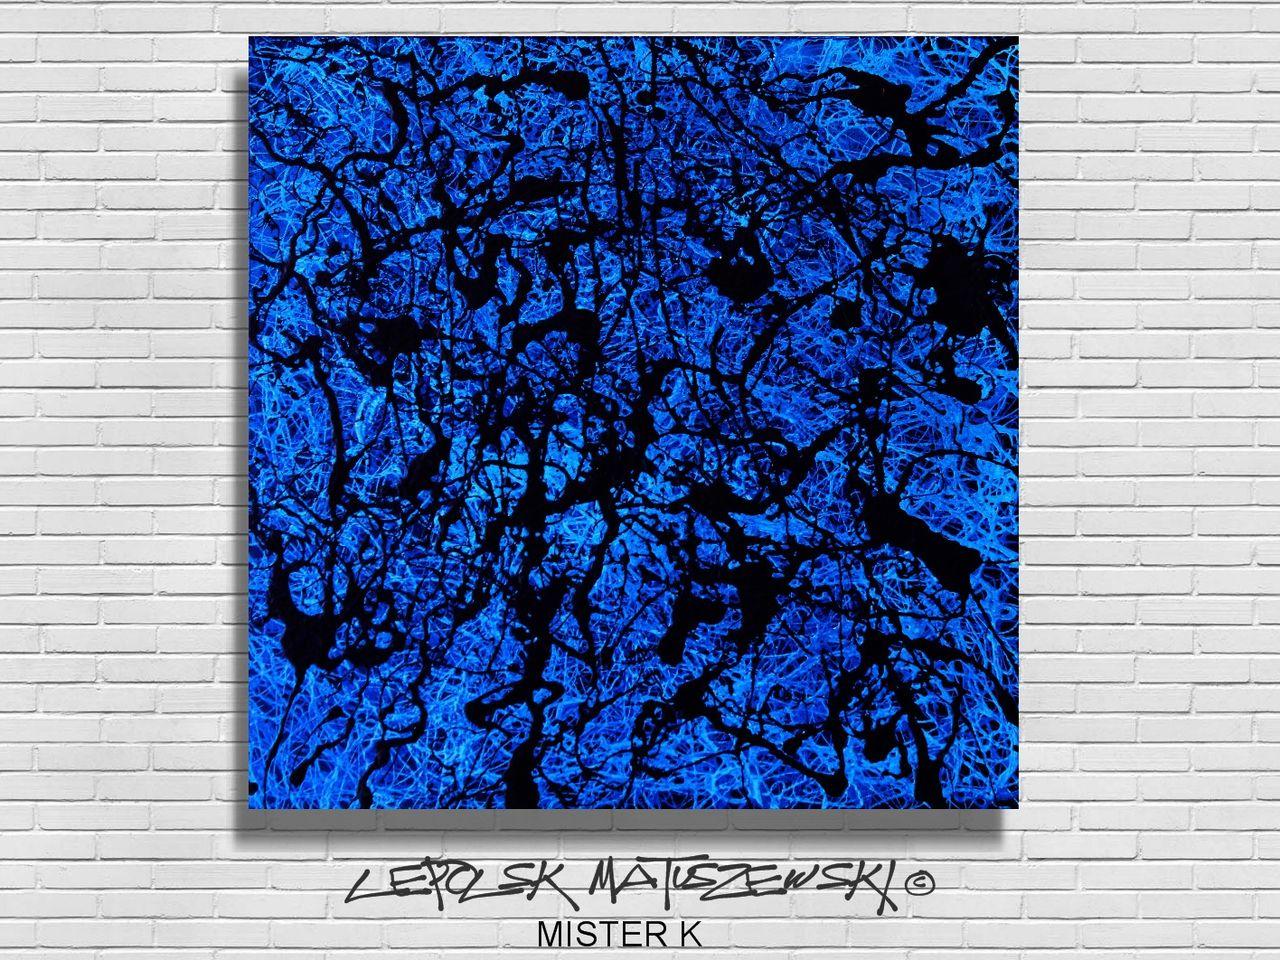 MISTER K  (Lepolsk Matuszewski) BLUE RAIN   ( expressionnisme abstrait contemporain )